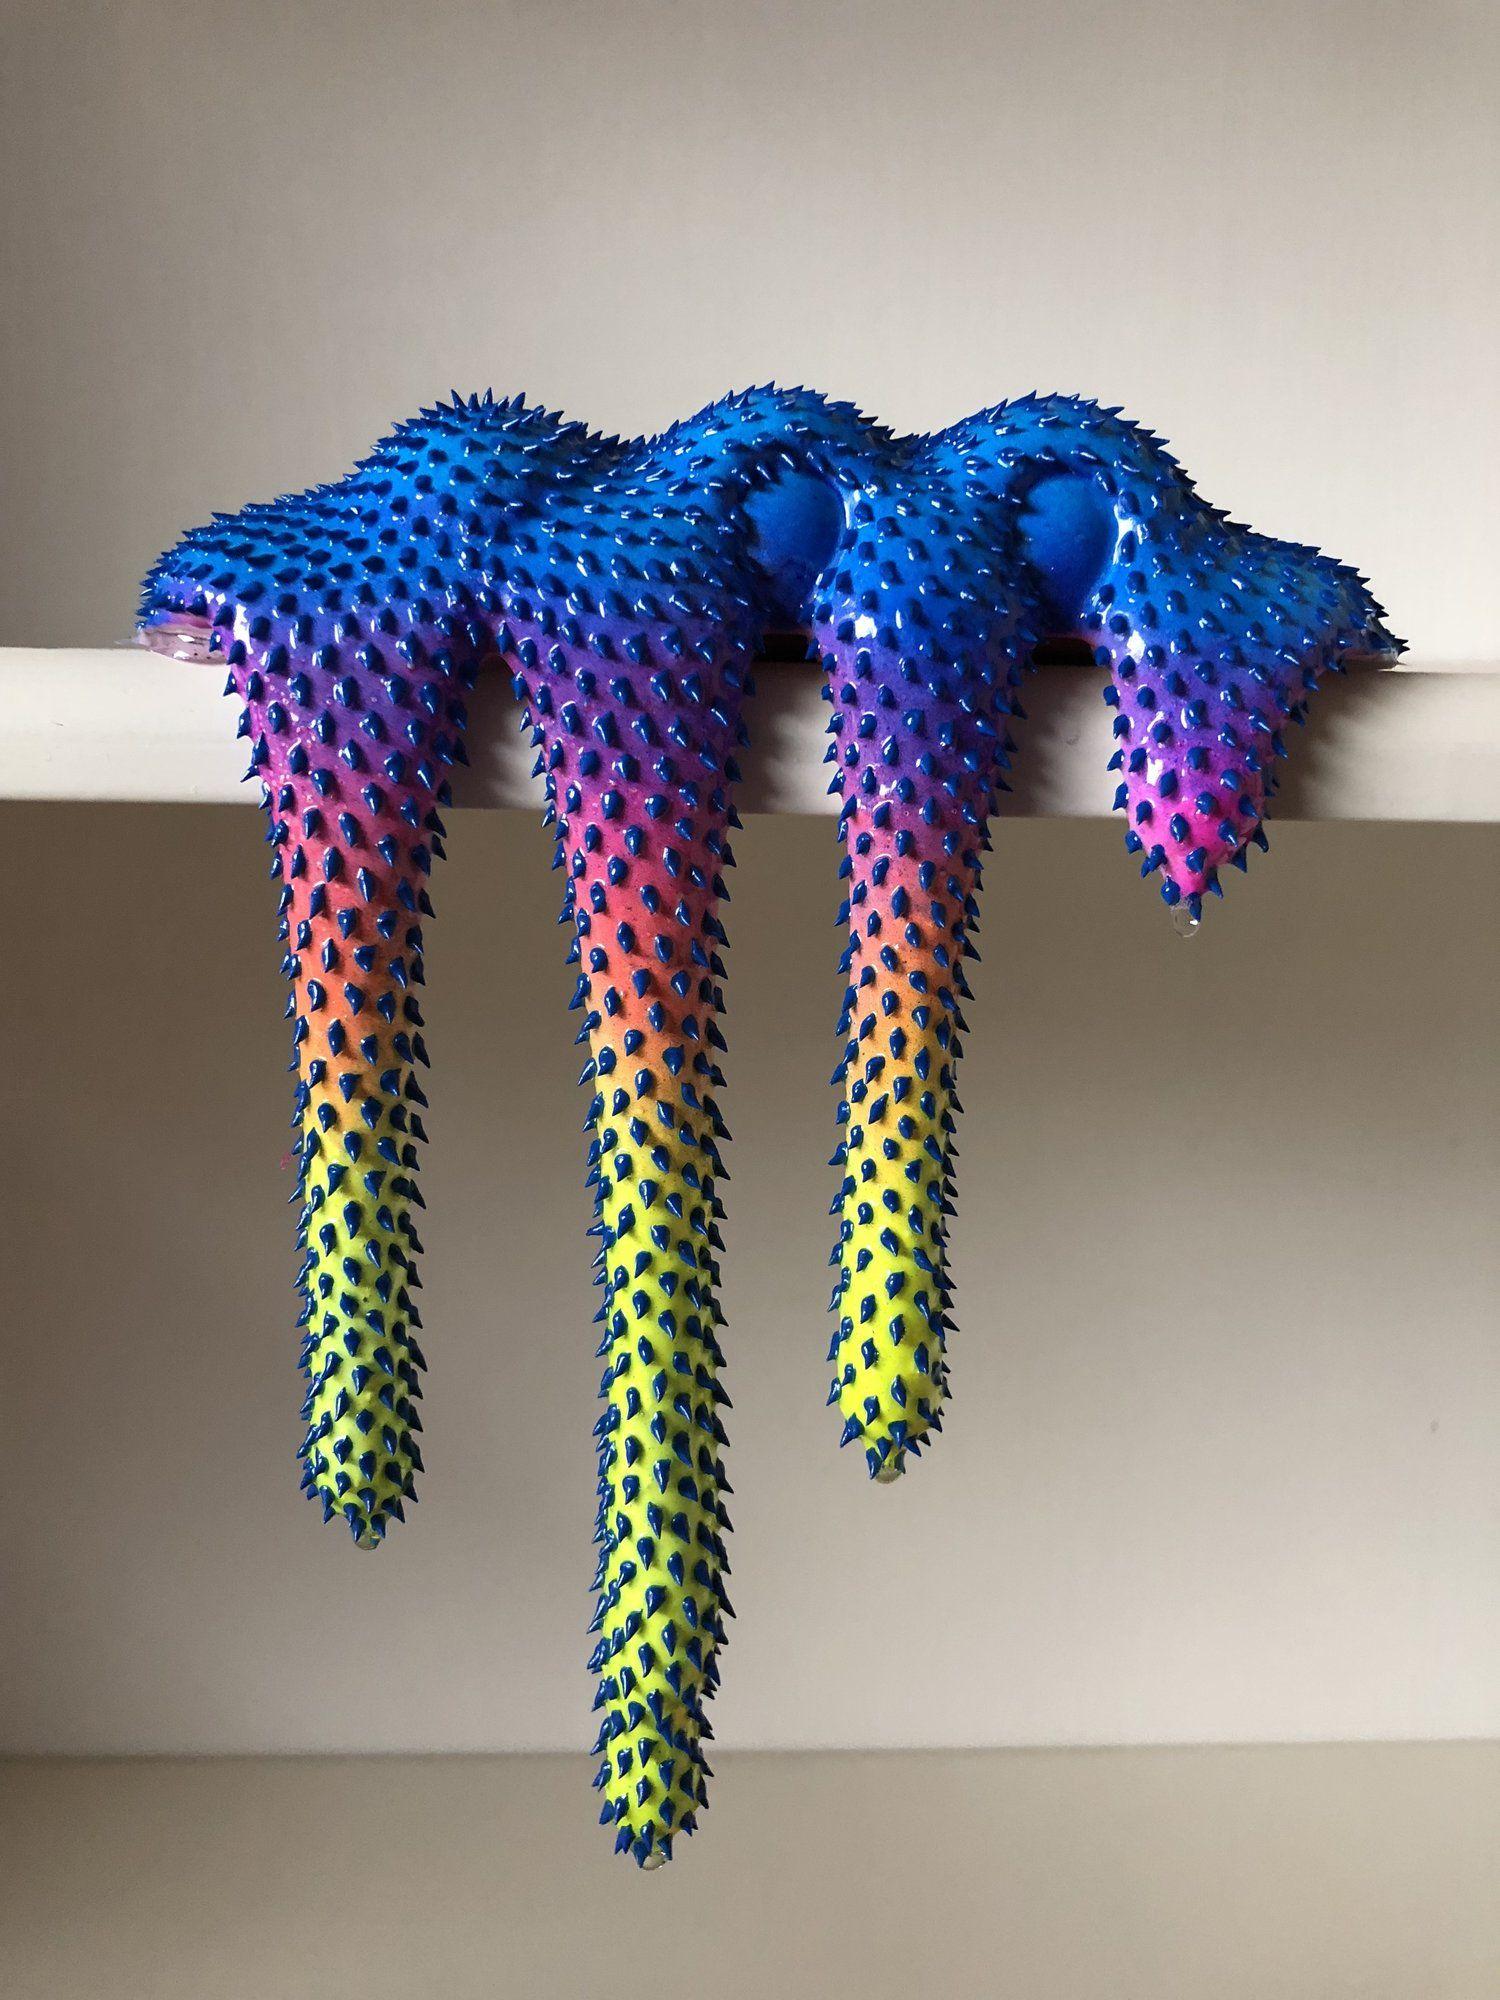 Le sculture destabilizzanti e fluorescenti di Dan Lam   Collater.al 11